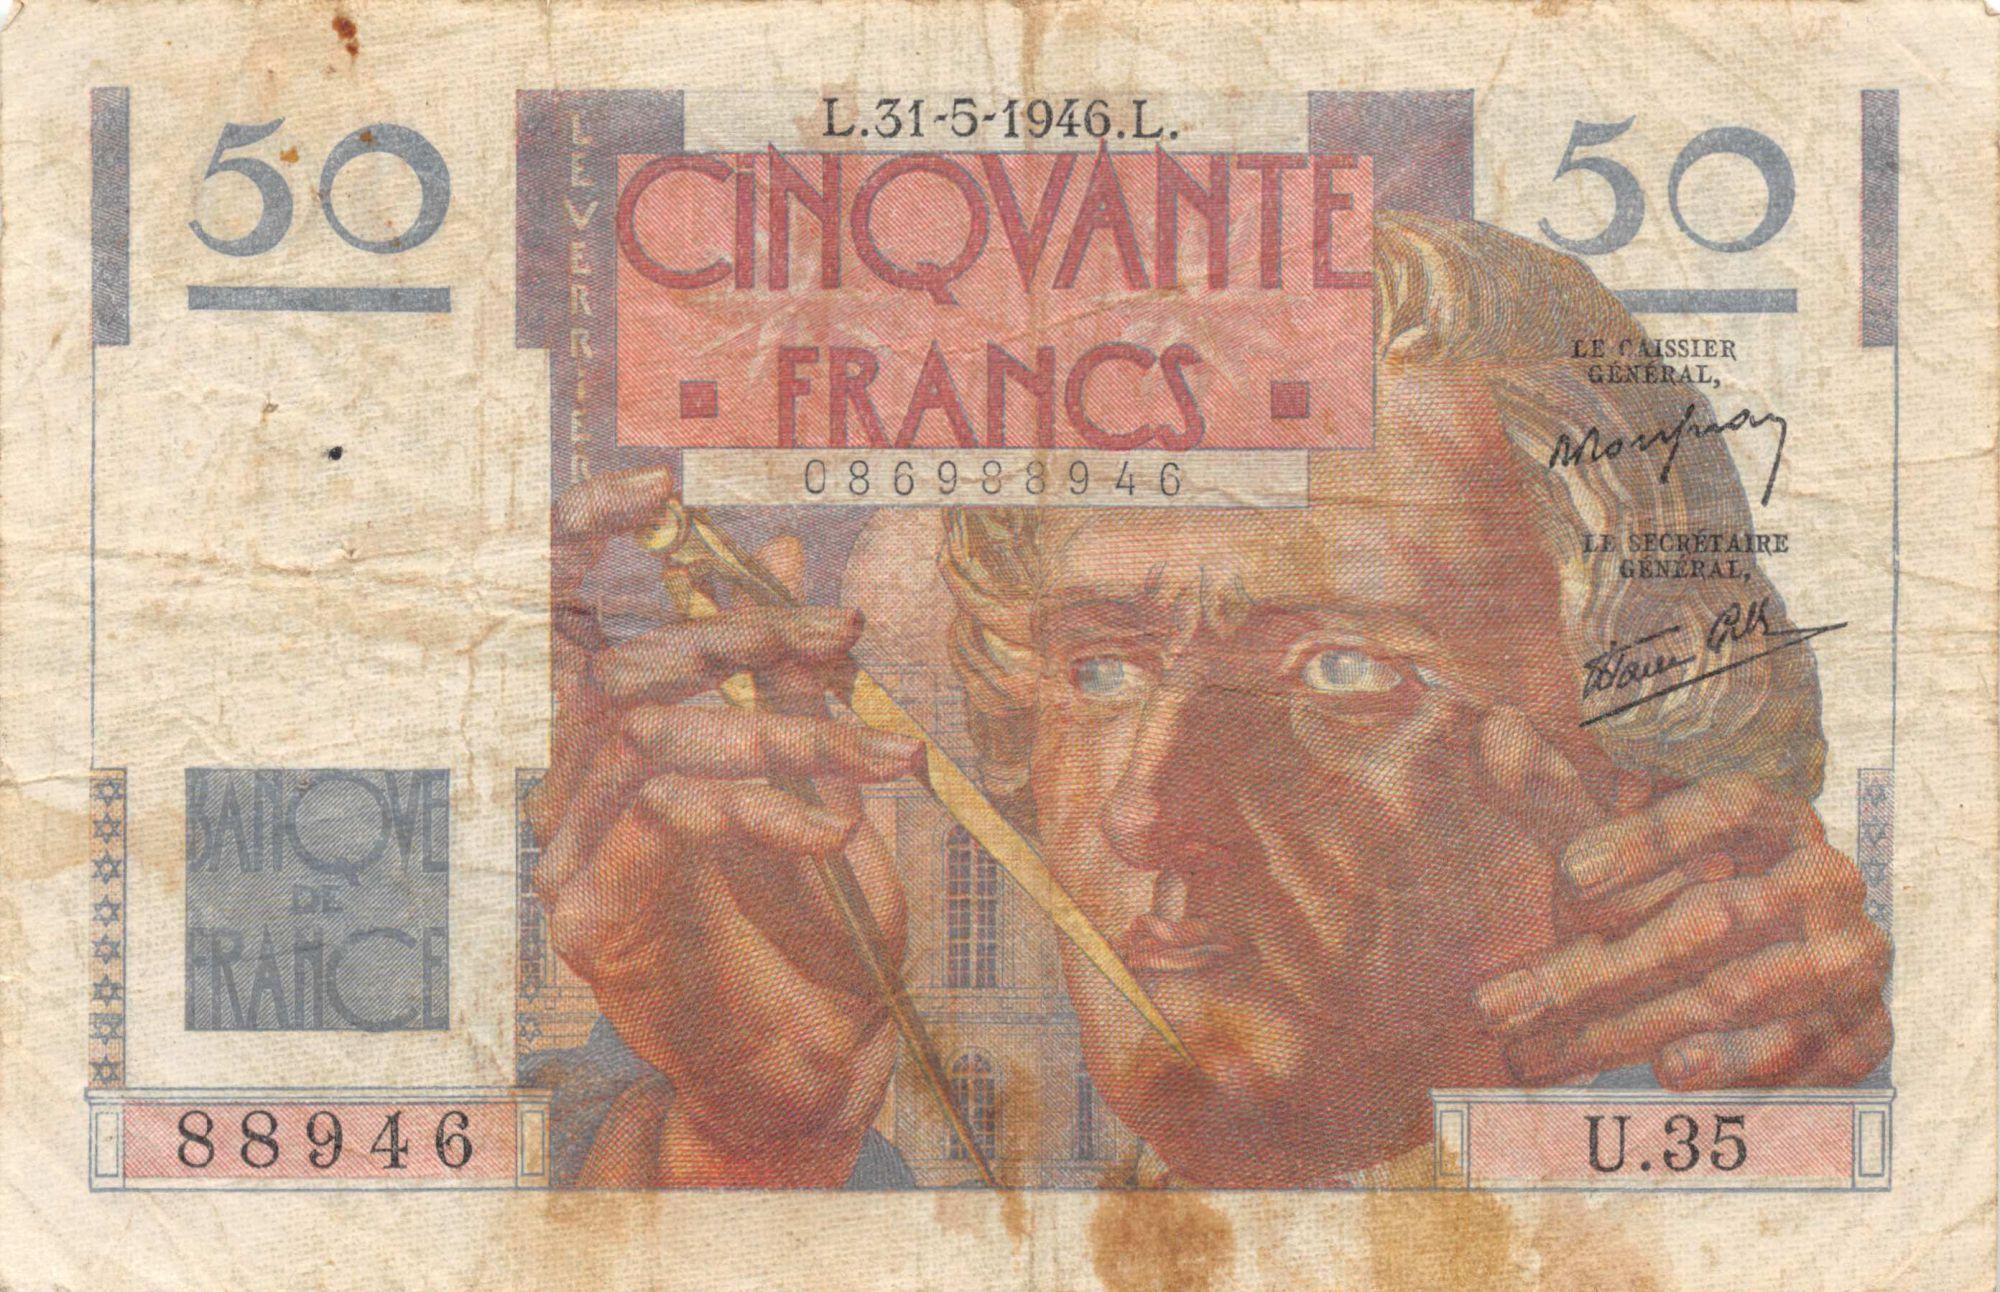 France 50 Francs Le Verrier - 31-05-1946 Série U.35 - TB